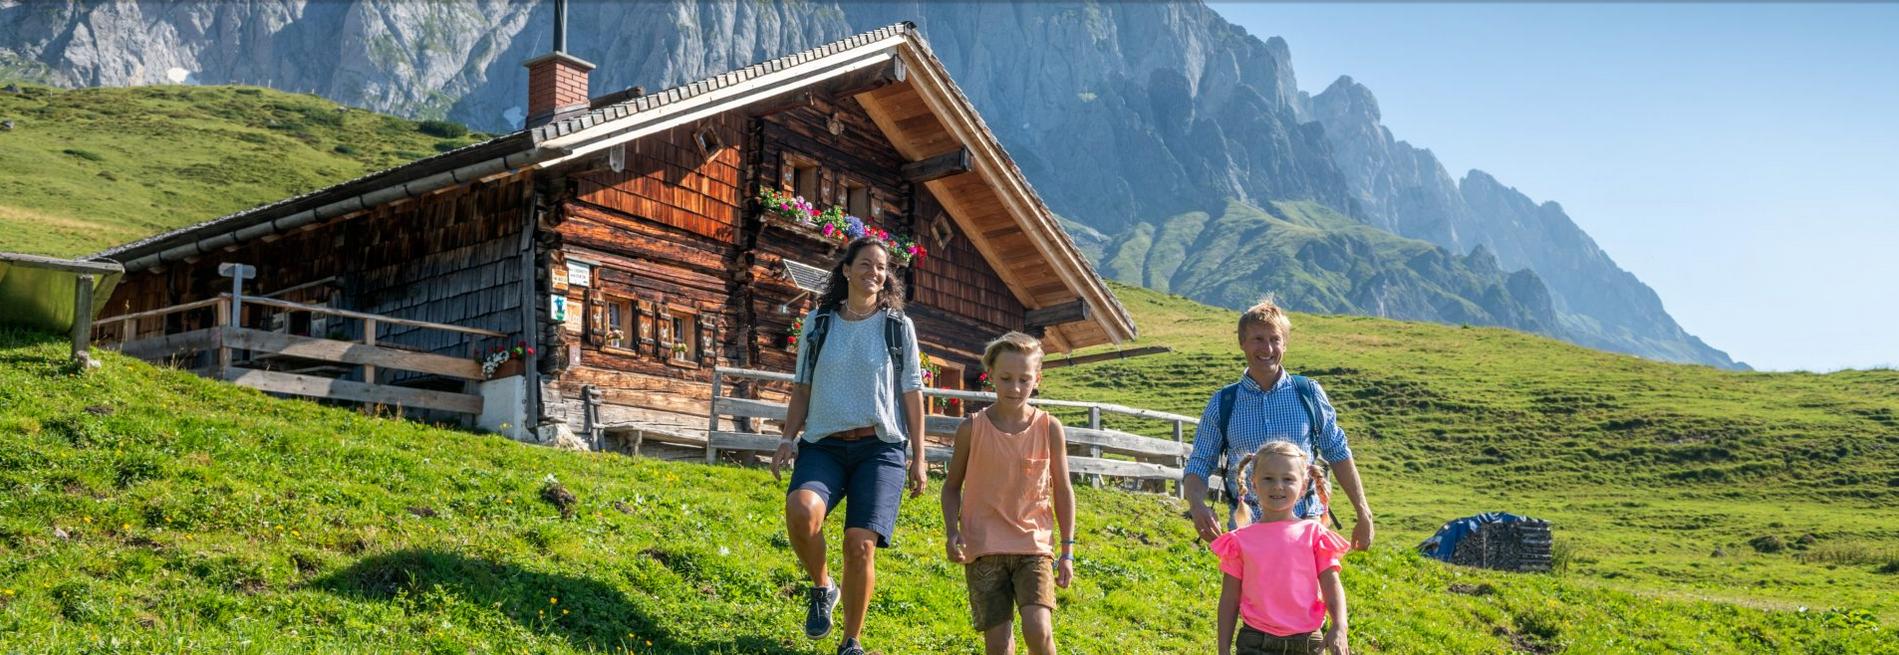 Kinderleicht Wandern (c) SalzburgerLand Tourismus